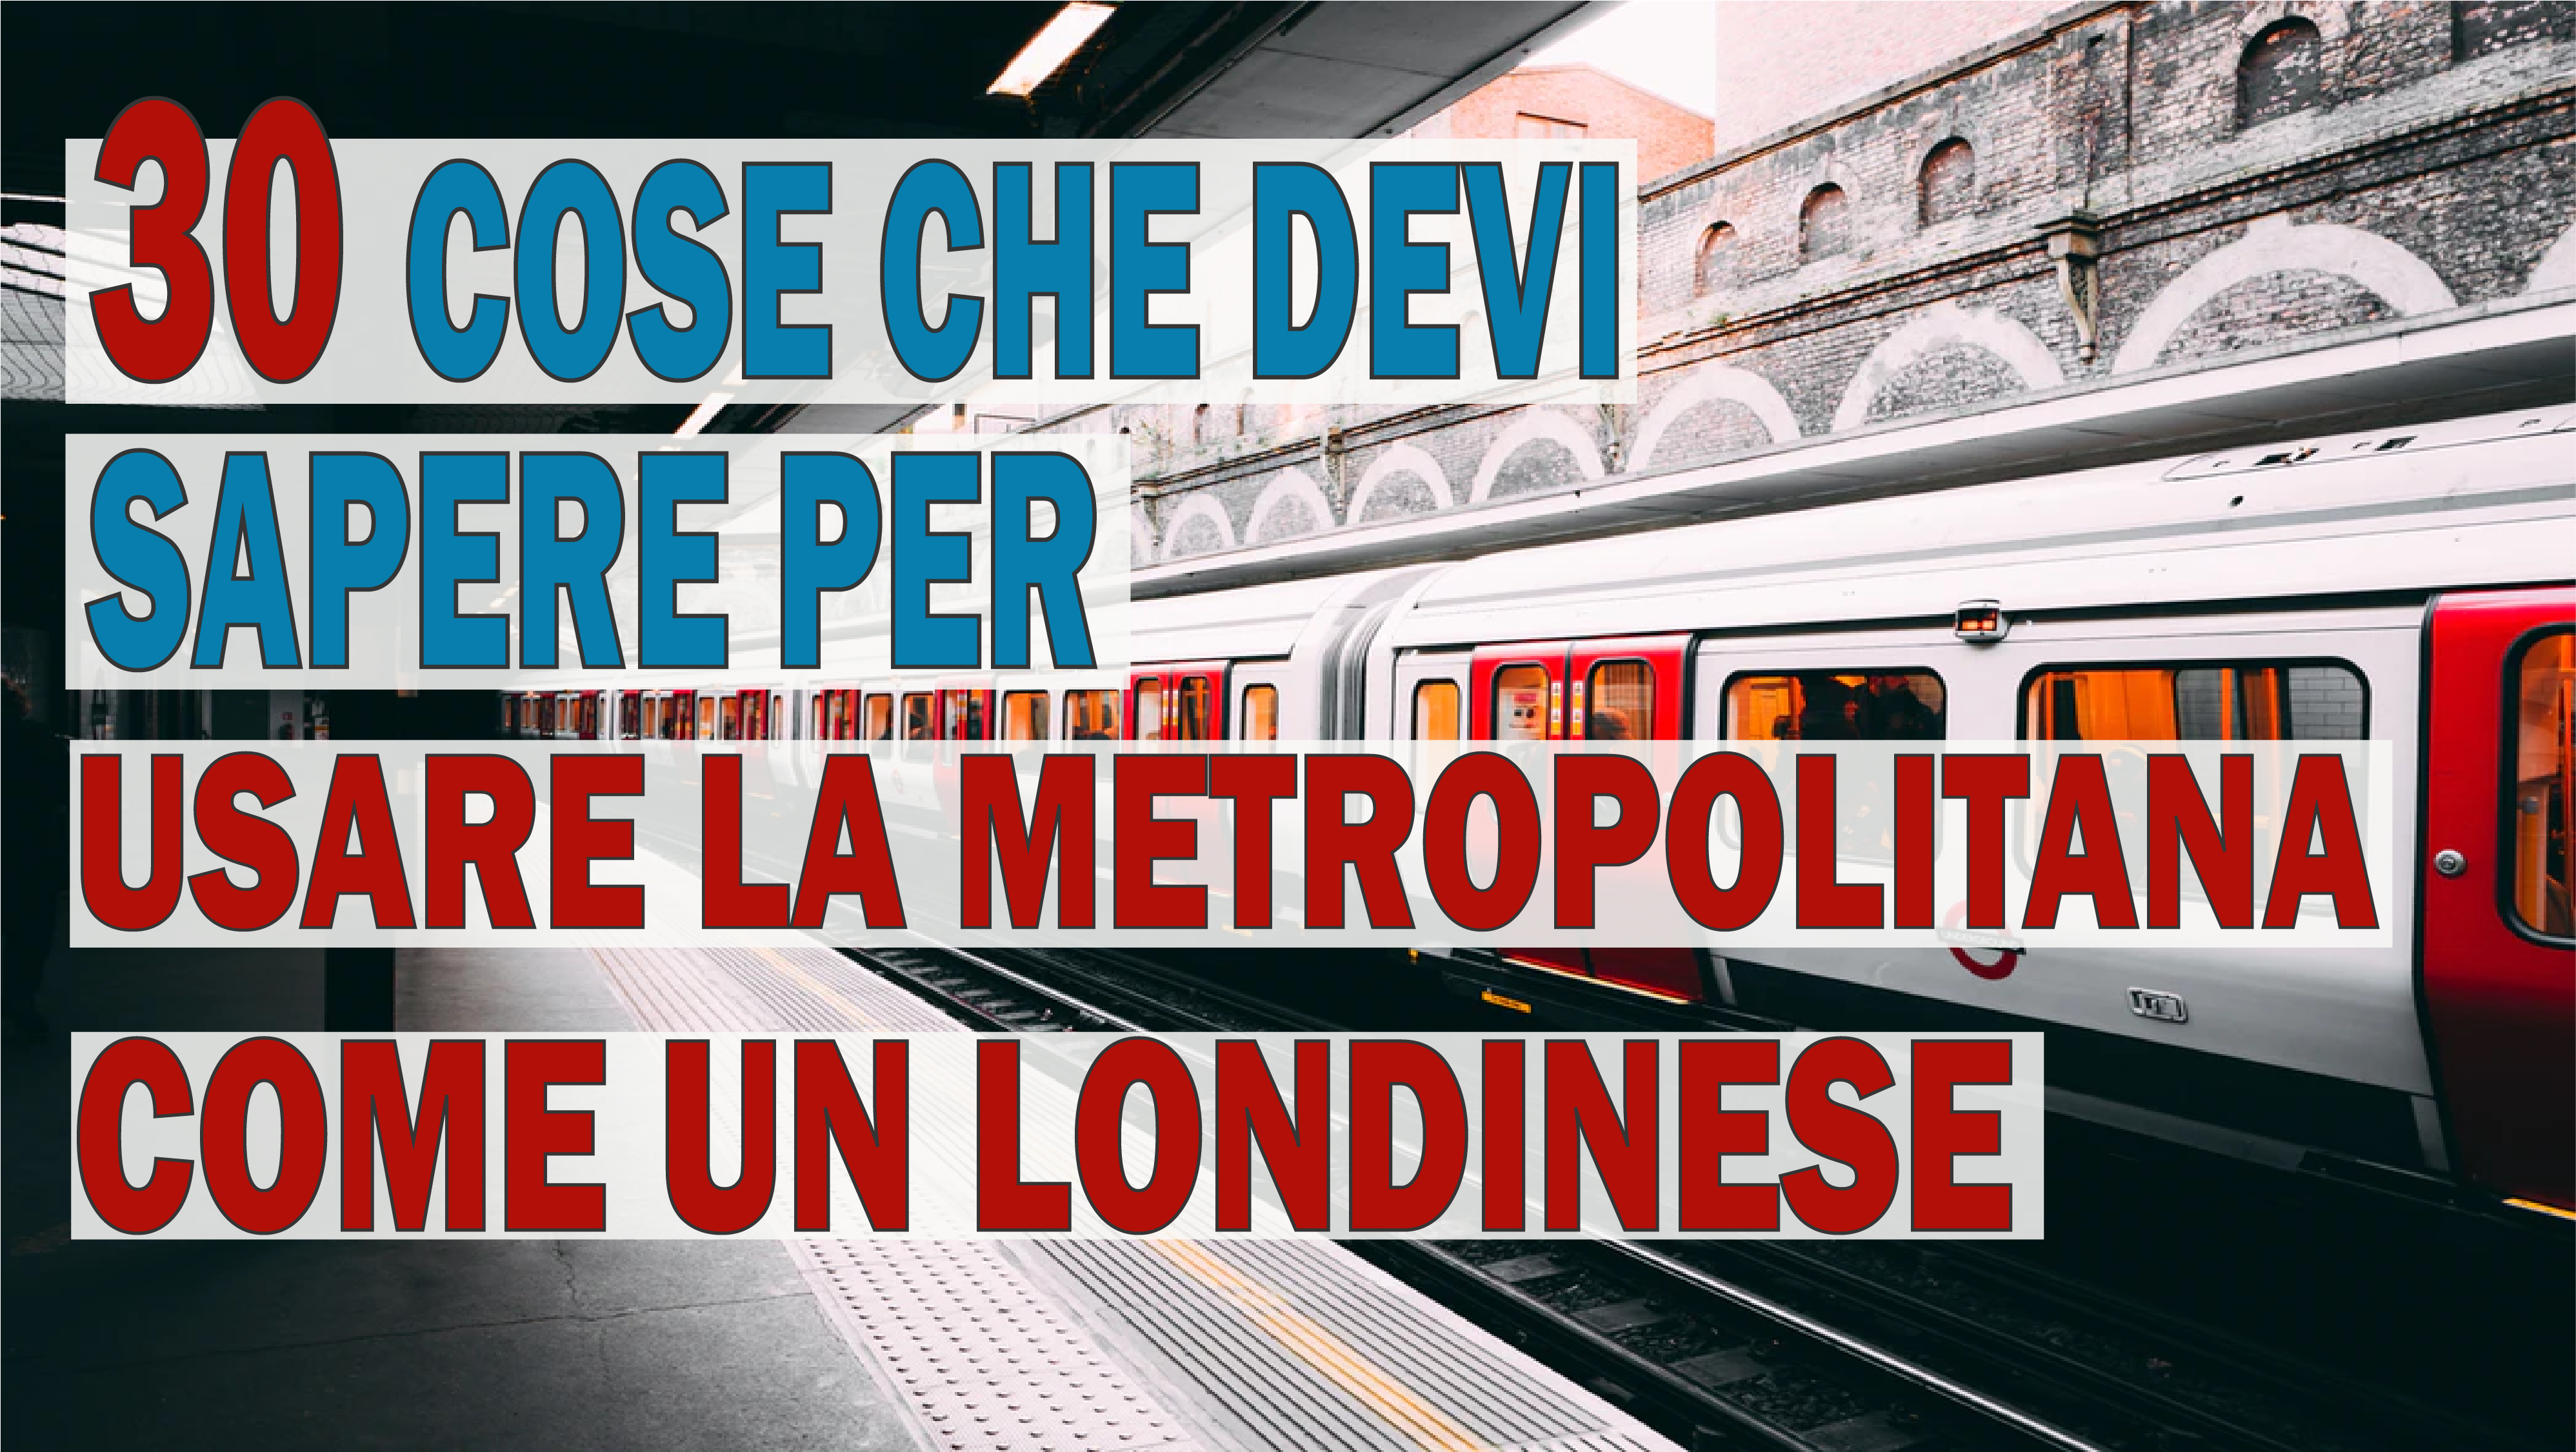 30 Cose che devi sapere per usare la Metropolitana come un Londinese!